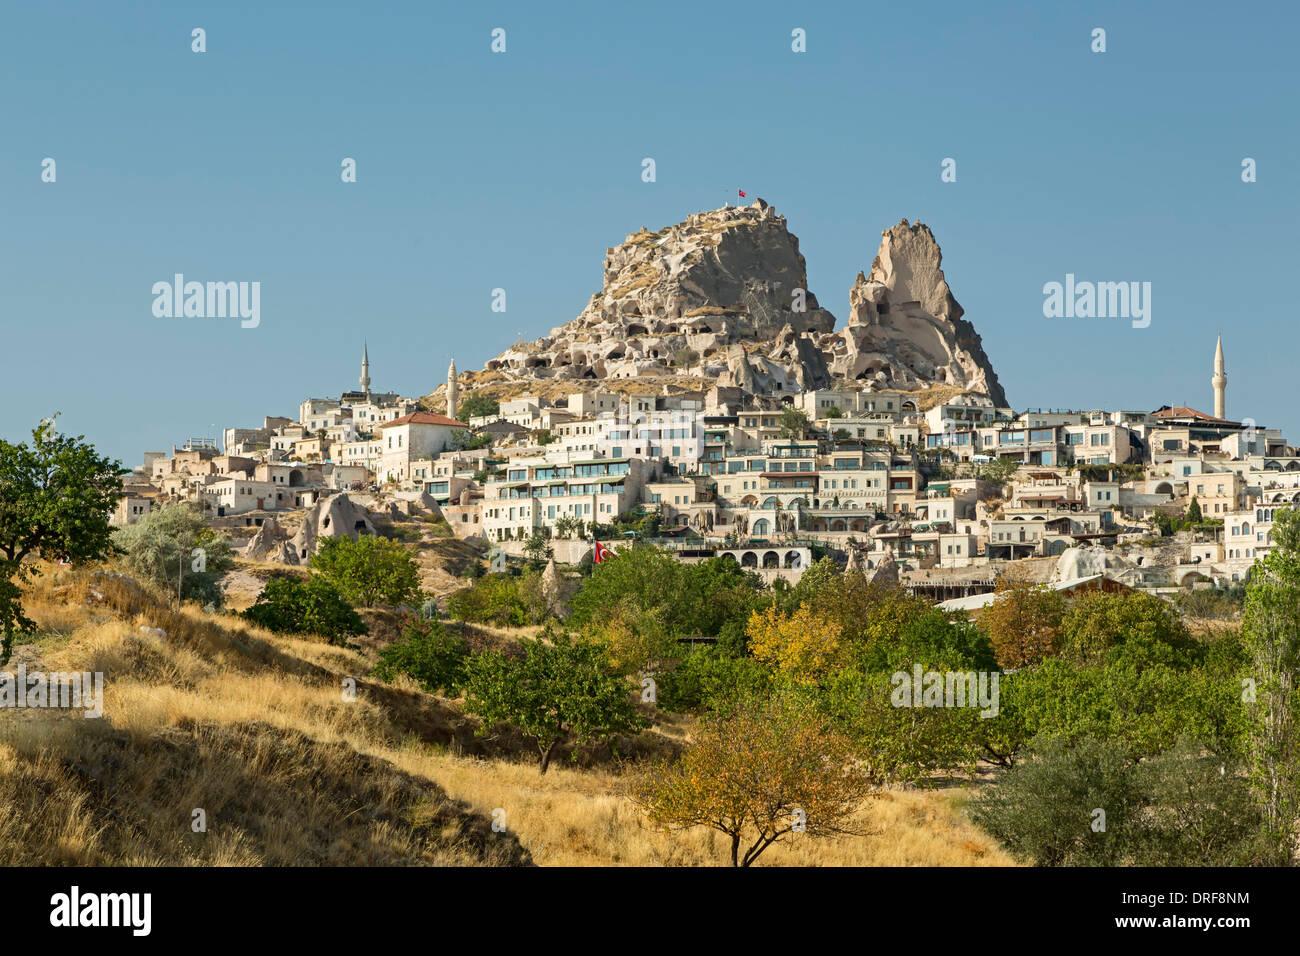 Castillo y pueblo de Uchisar, Cappadocia, Turquía Imagen De Stock